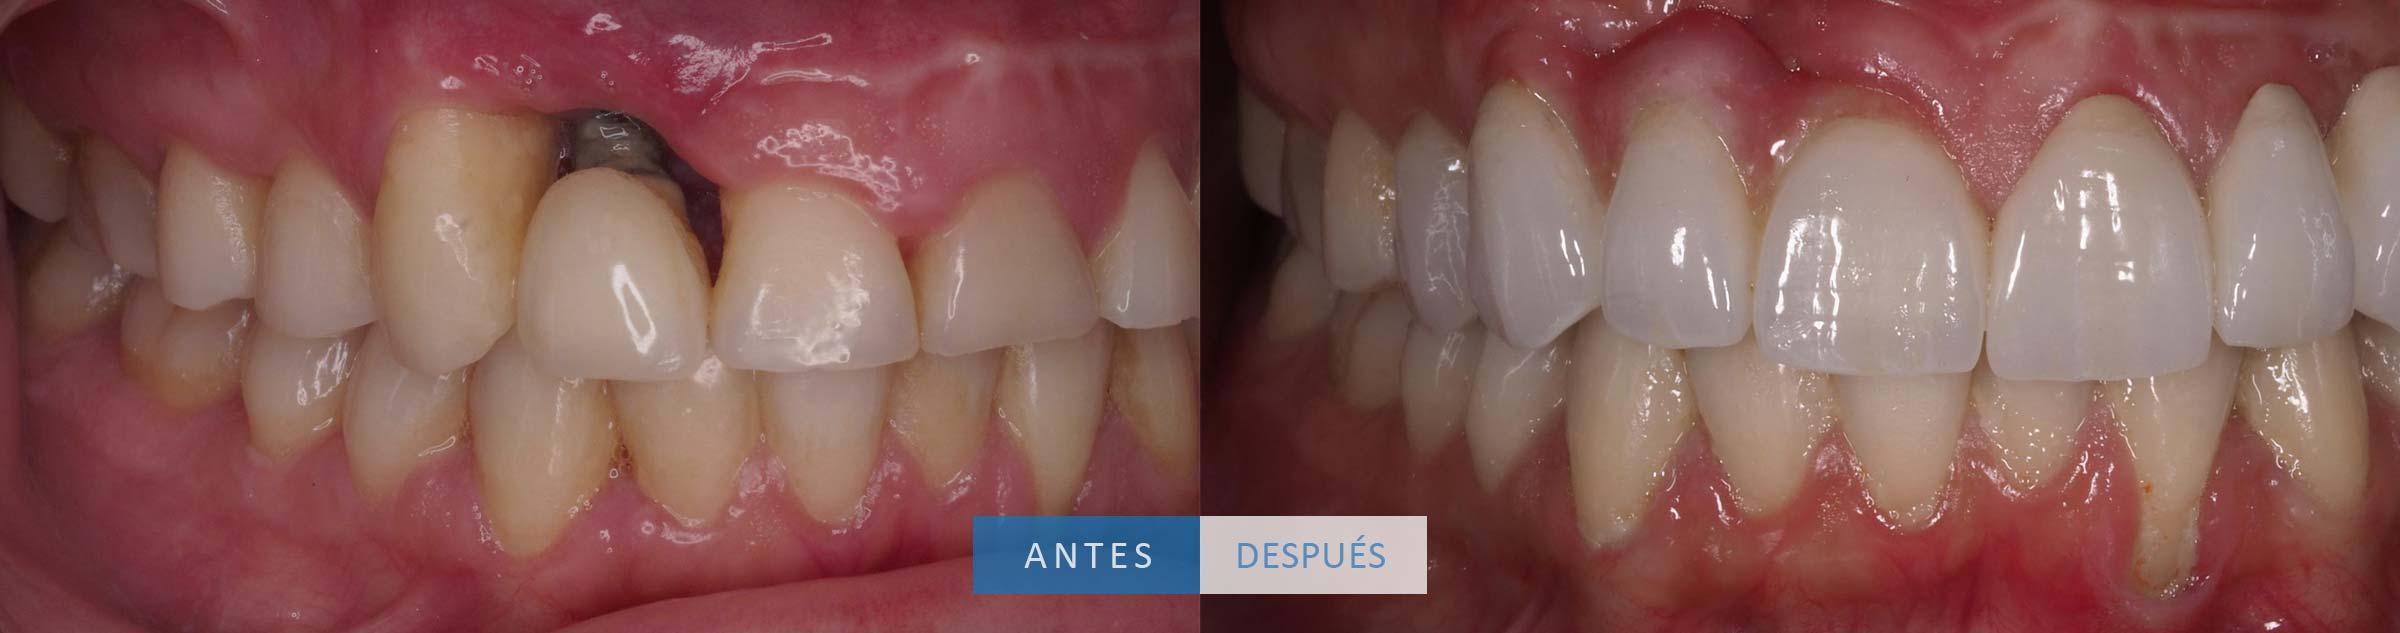 Caso clínico Loscos coronas dentales